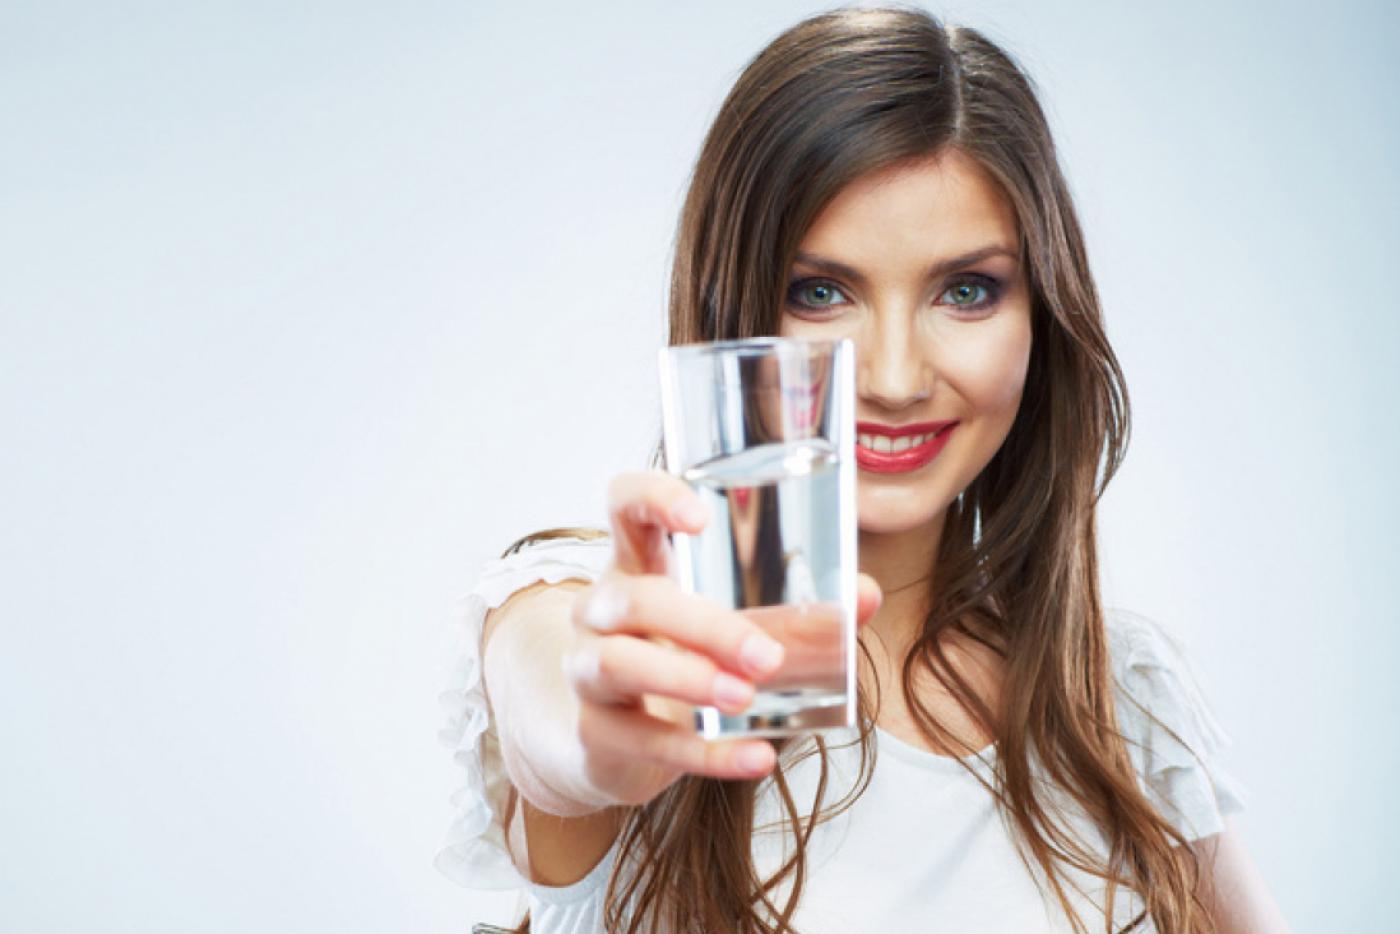 Как вывести лишнюю воду из организма, чтобы похудеть